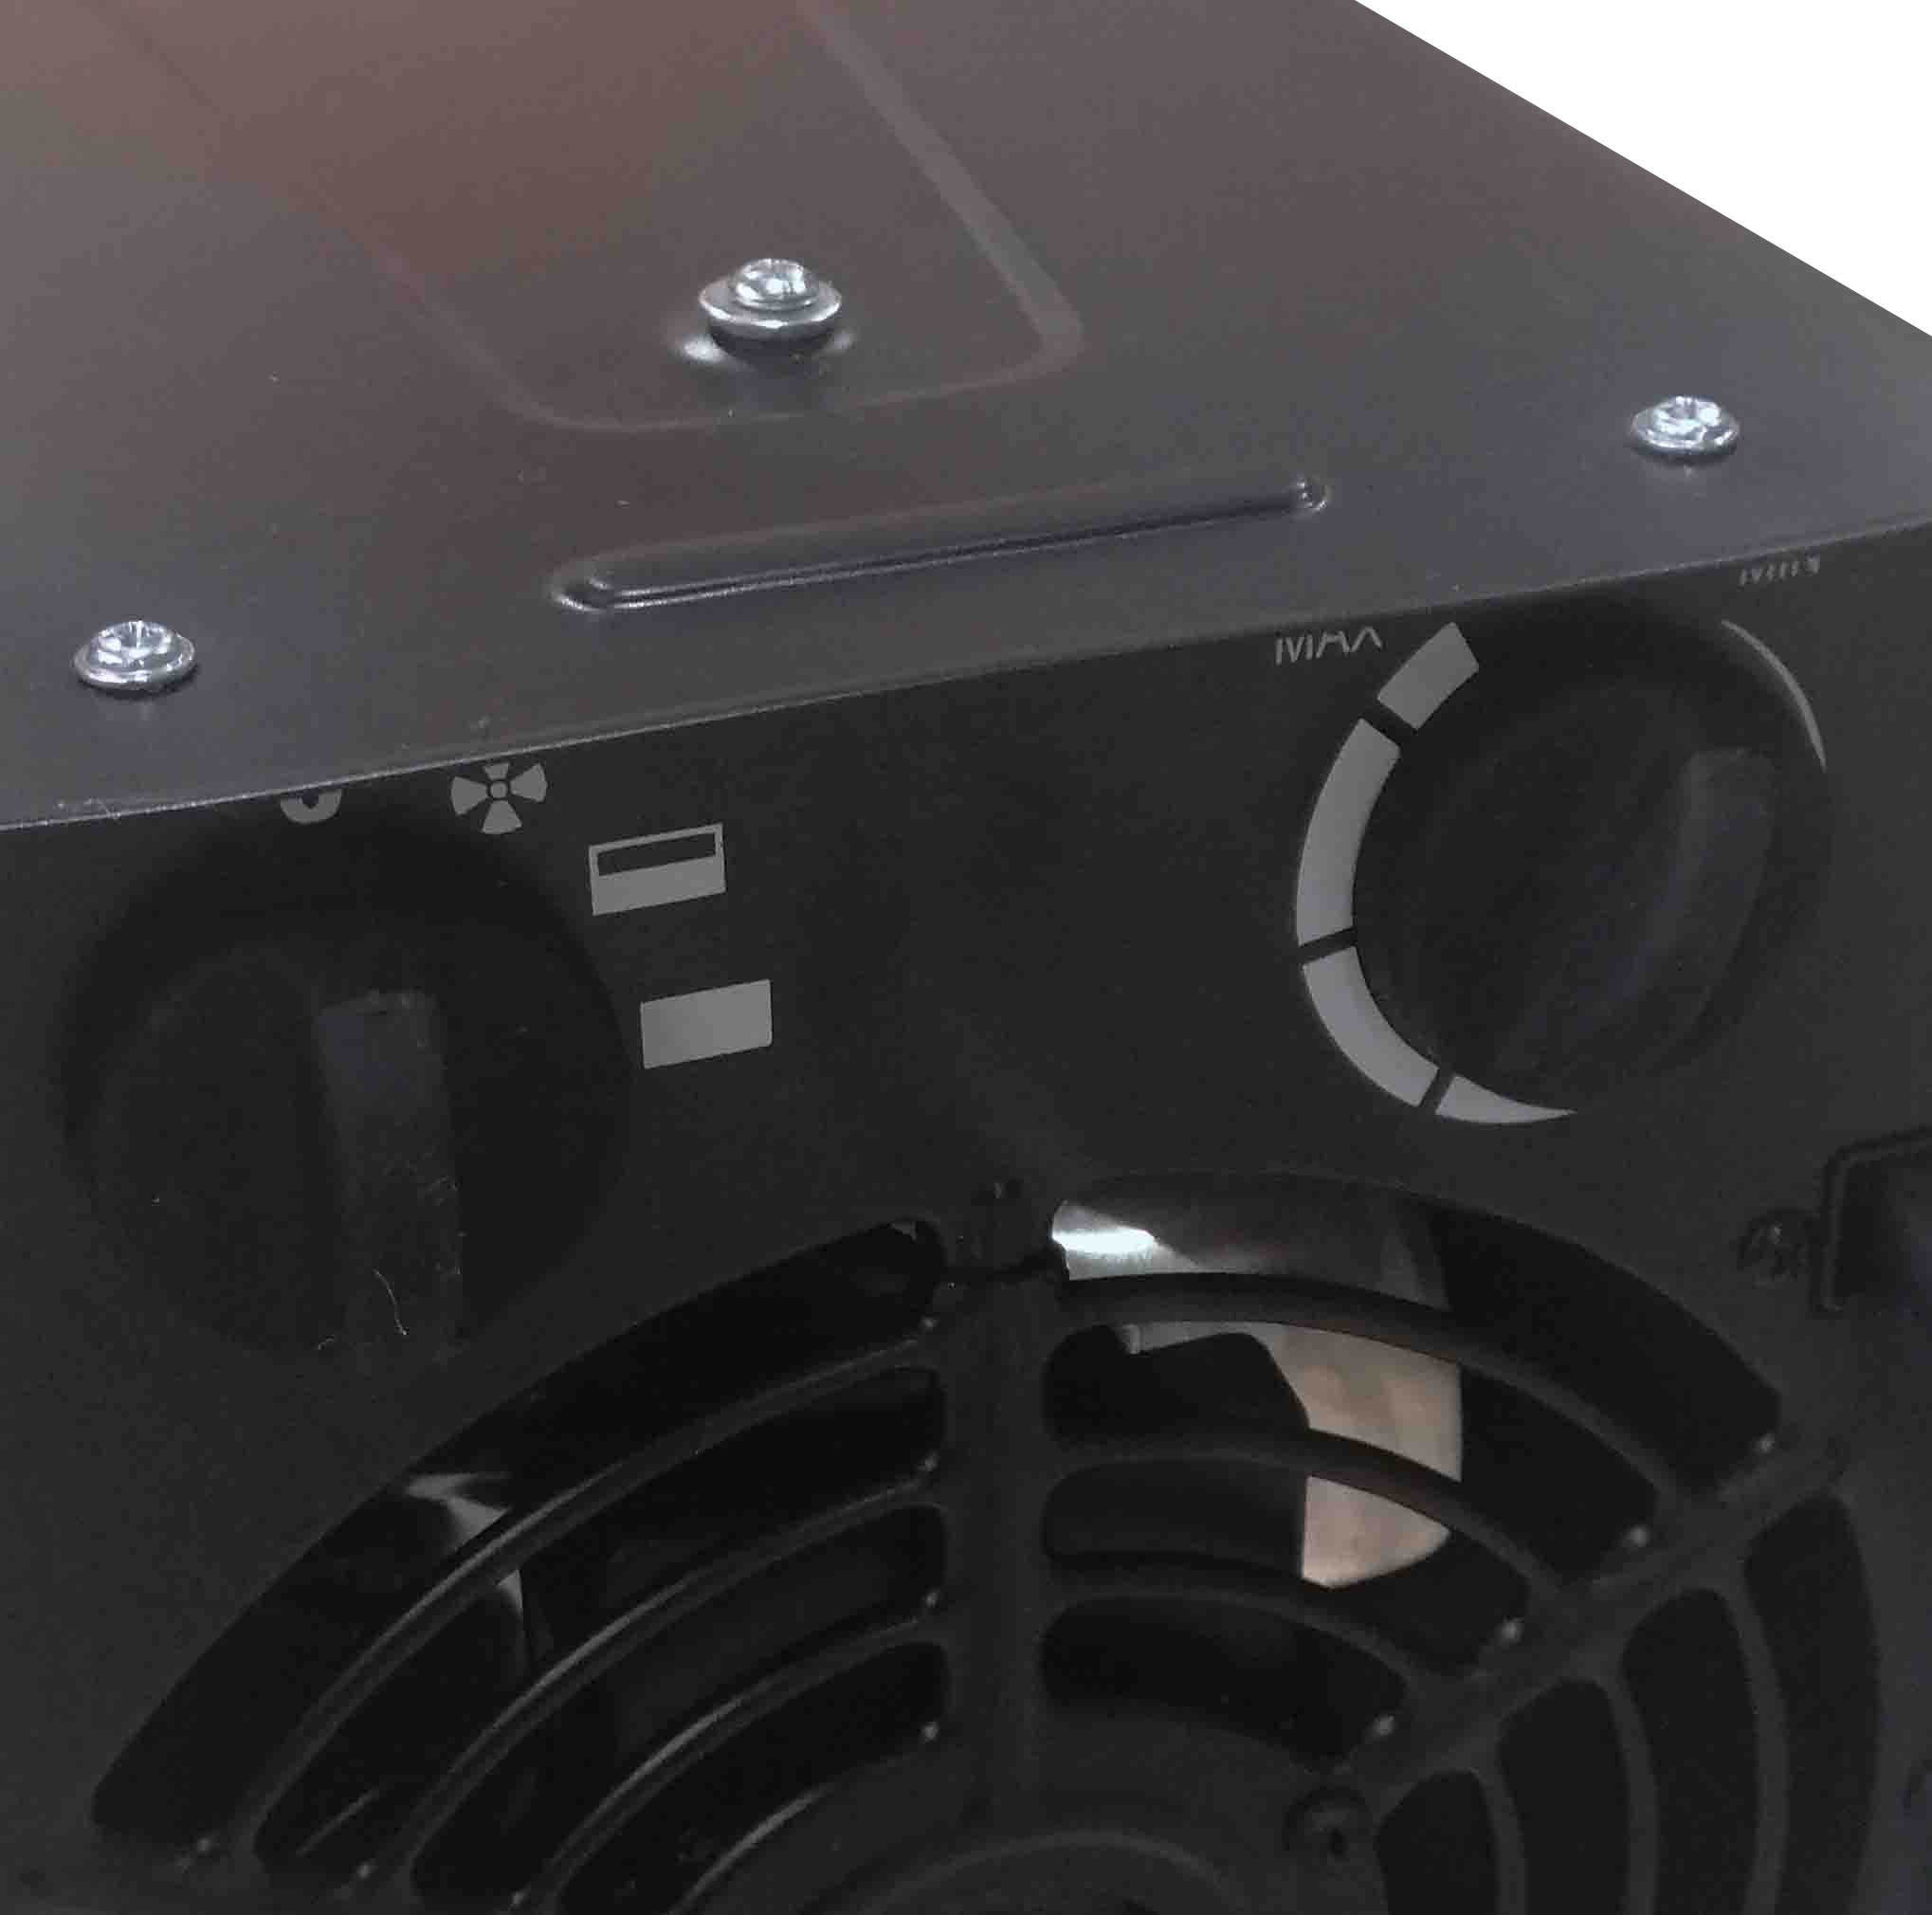 110V FH3 Fan Heater 2.8kW